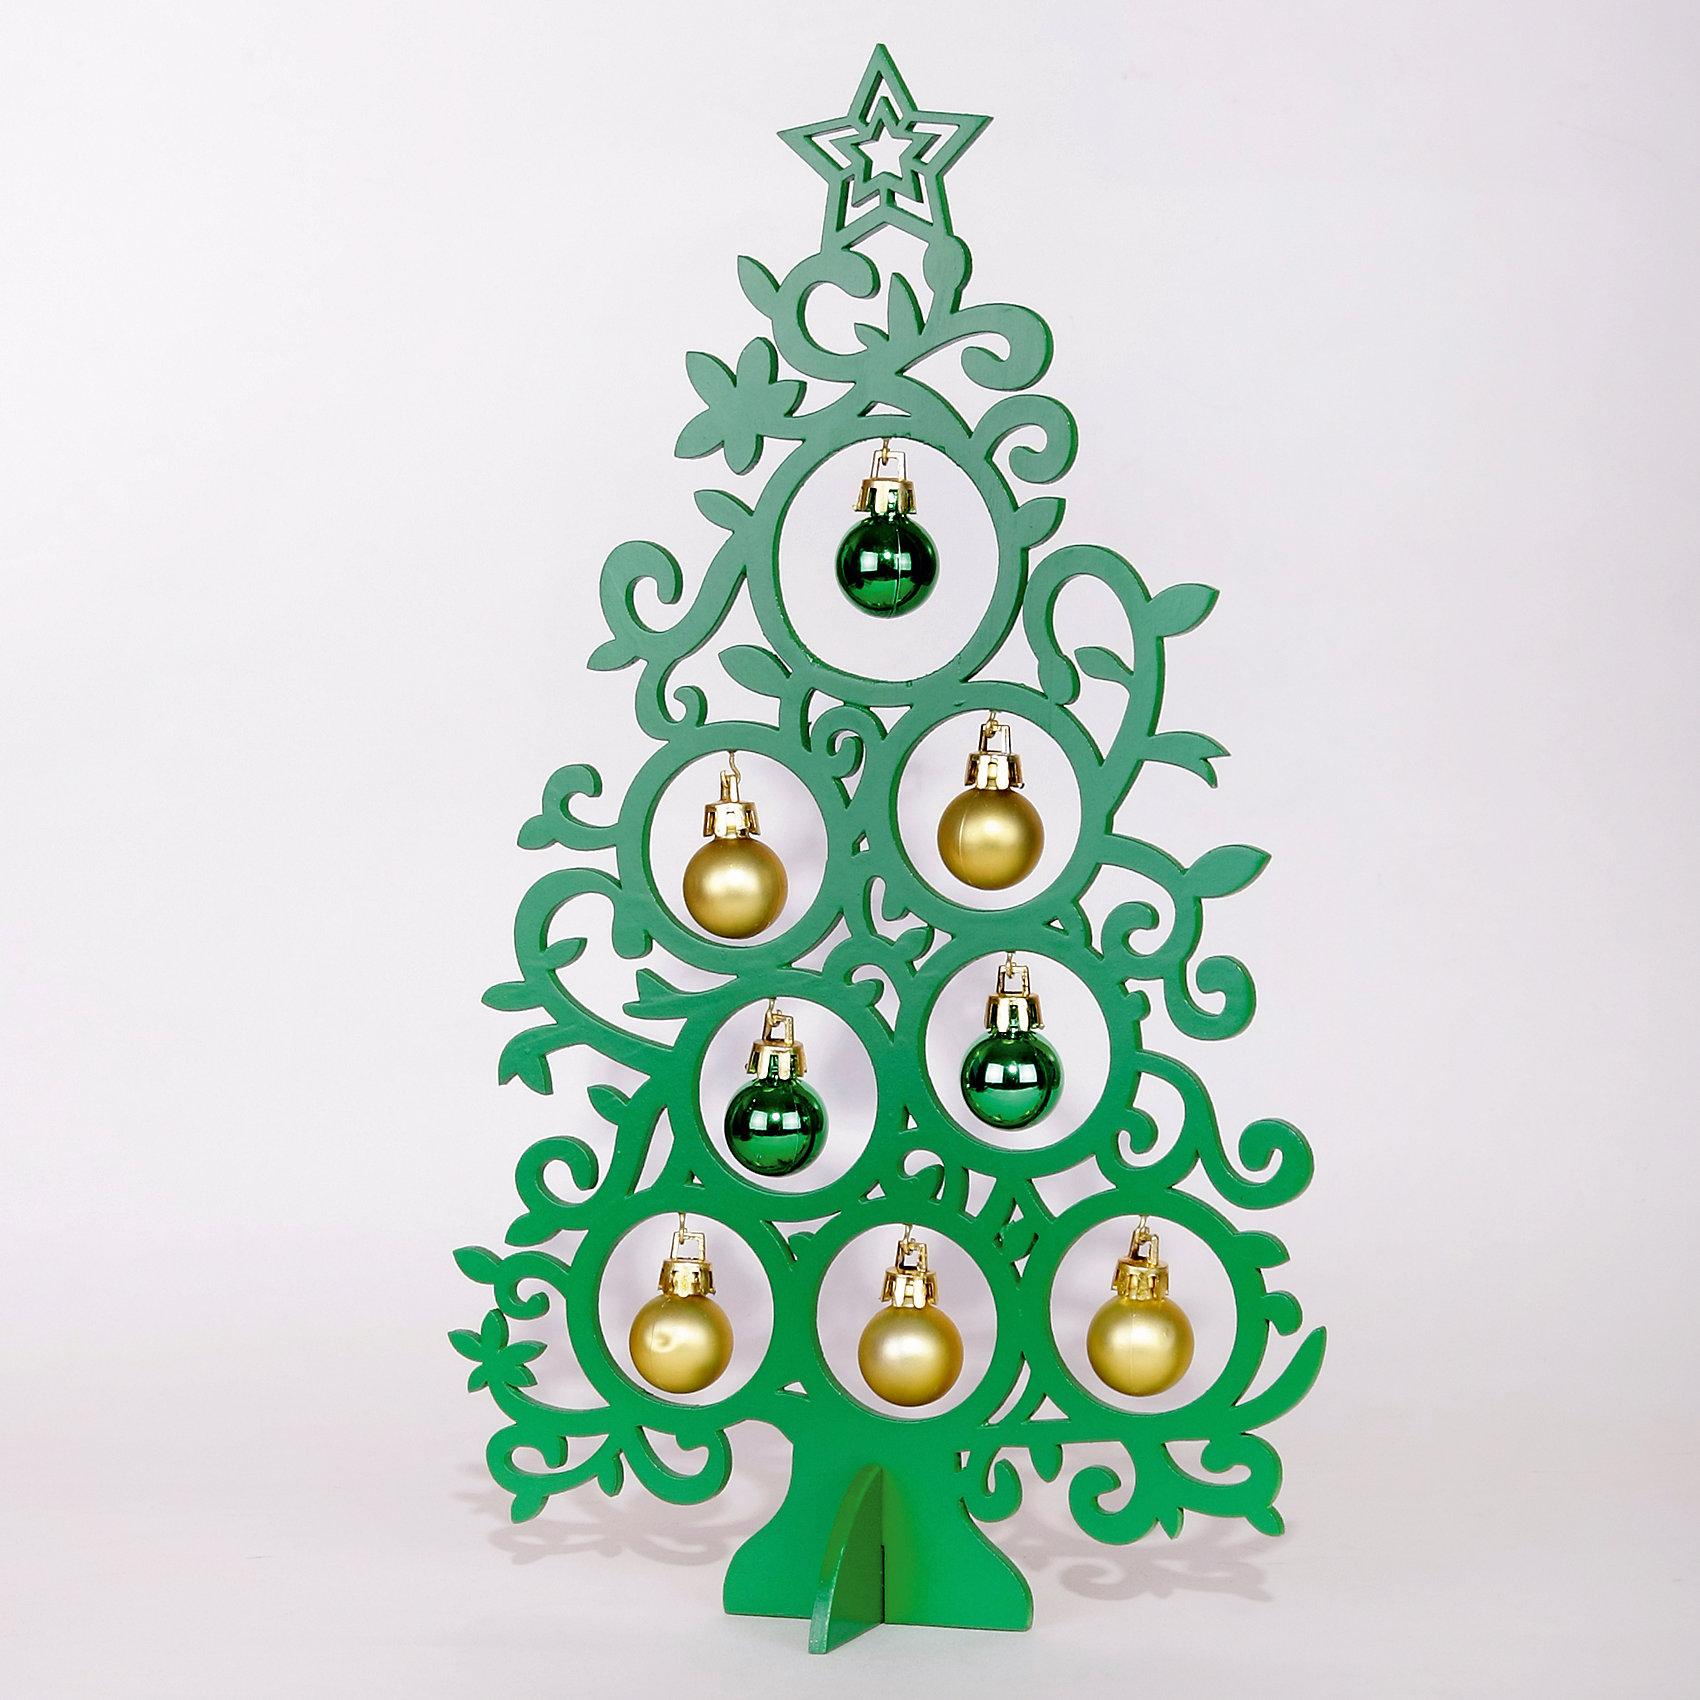 Деревянное украшение Супер-Ель (зелёная) 30 смДеревянное украшение Супер-Ель, Феникс-презент, замечательно украсит Ваш интерьер и станет приятным сувениром для родных и друзей. Украшение выполнено в виде ажурной новогодней елочки зеленого цвета, верхушку украшает звезда. В елке имеются круглые отверстия с<br>небольшими металлическими крючками, на которые можно подвесить новогодние пластиковые шарики (входят в комплект). Симпатичный сувенир порадует и взрослых и детей и создаст волшебную атмосферу новогодних праздников. <br><br><br>Дополнительная информация:<br><br>- Цвет: зеленый<br>- Материал: древесина тополя, пластик.<br>- Высота елки: 30 см.<br>- Размер упаковки: 31,5 x 19 x 2,5 см.<br><br>Деревянное украшение Супер-Ель (зеленая), Феникс-презент, можно купить в нашем интернет-магазине.<br><br>Ширина мм: 310<br>Глубина мм: 180<br>Высота мм: 30<br>Вес г: 100<br>Возраст от месяцев: 36<br>Возраст до месяцев: 2147483647<br>Пол: Унисекс<br>Возраст: Детский<br>SKU: 4274726